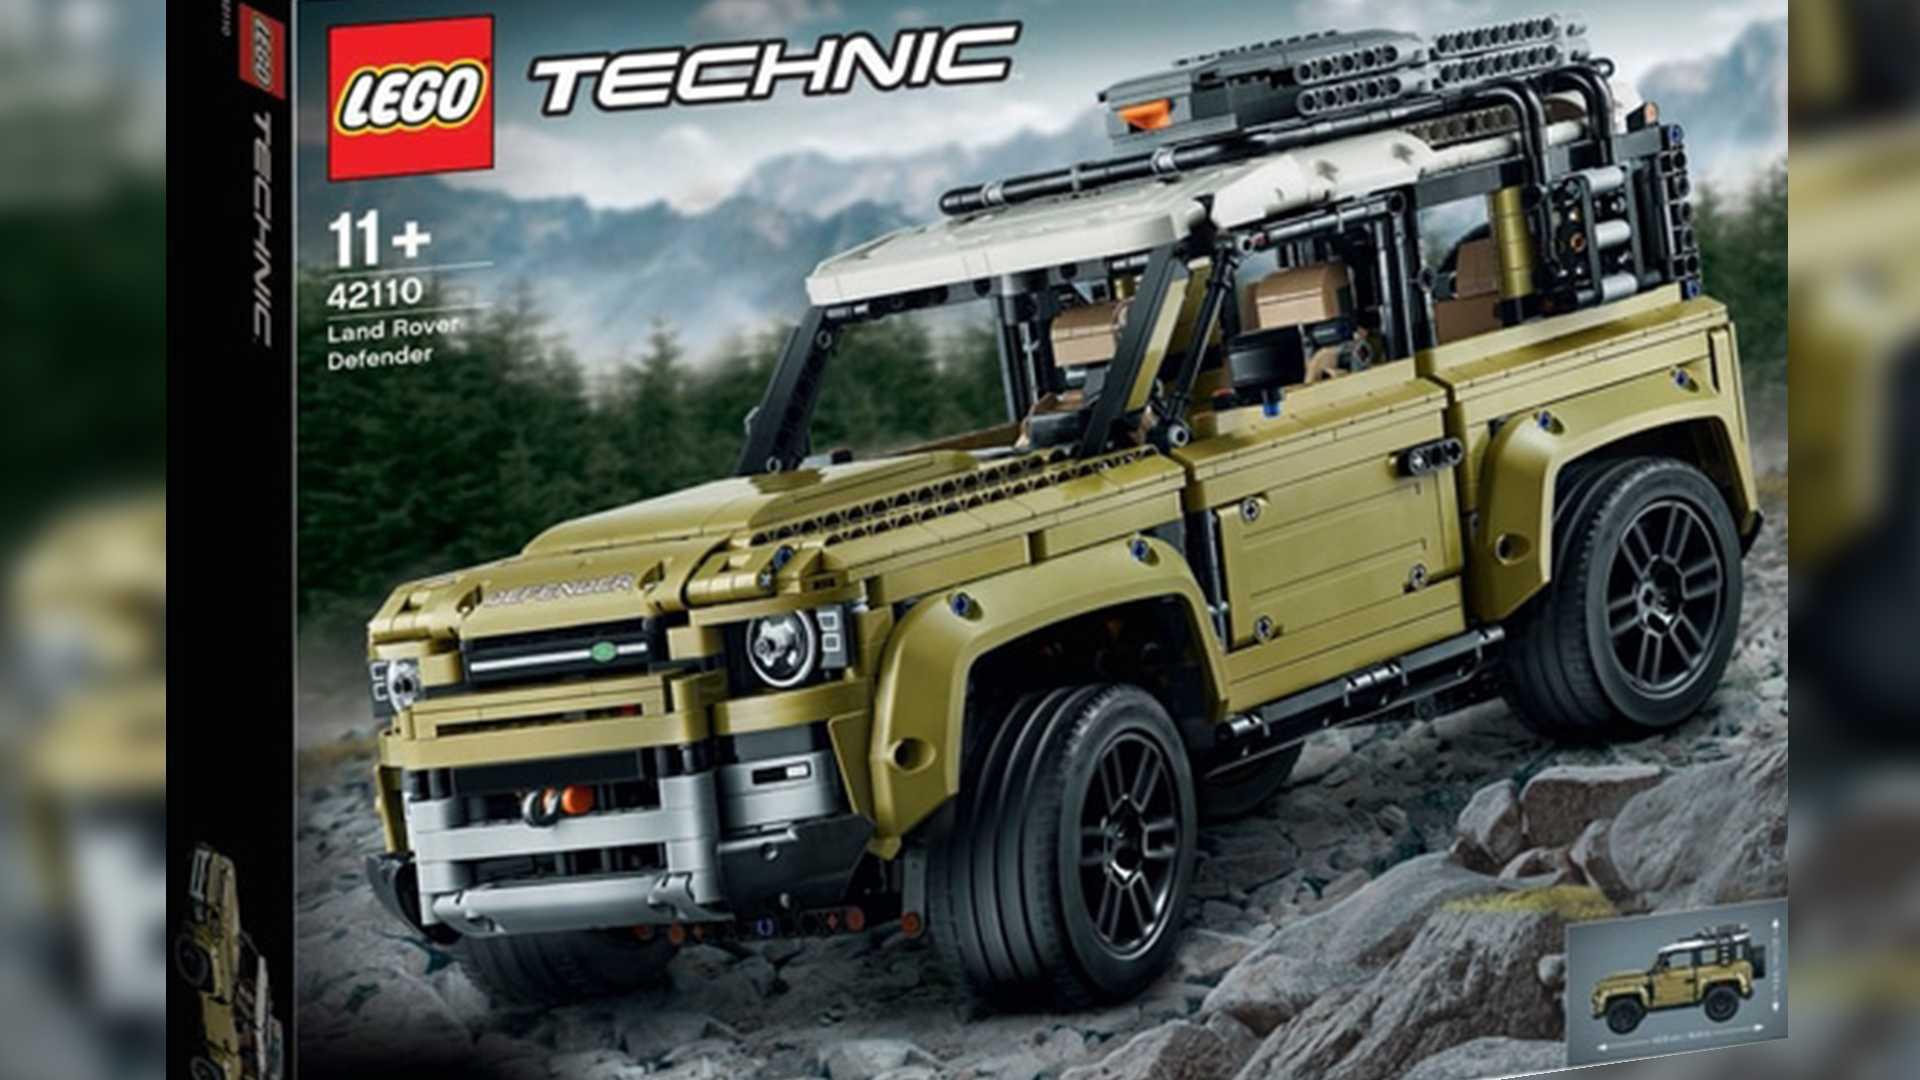 la nueva land rover defender 2020 es revelada por lego